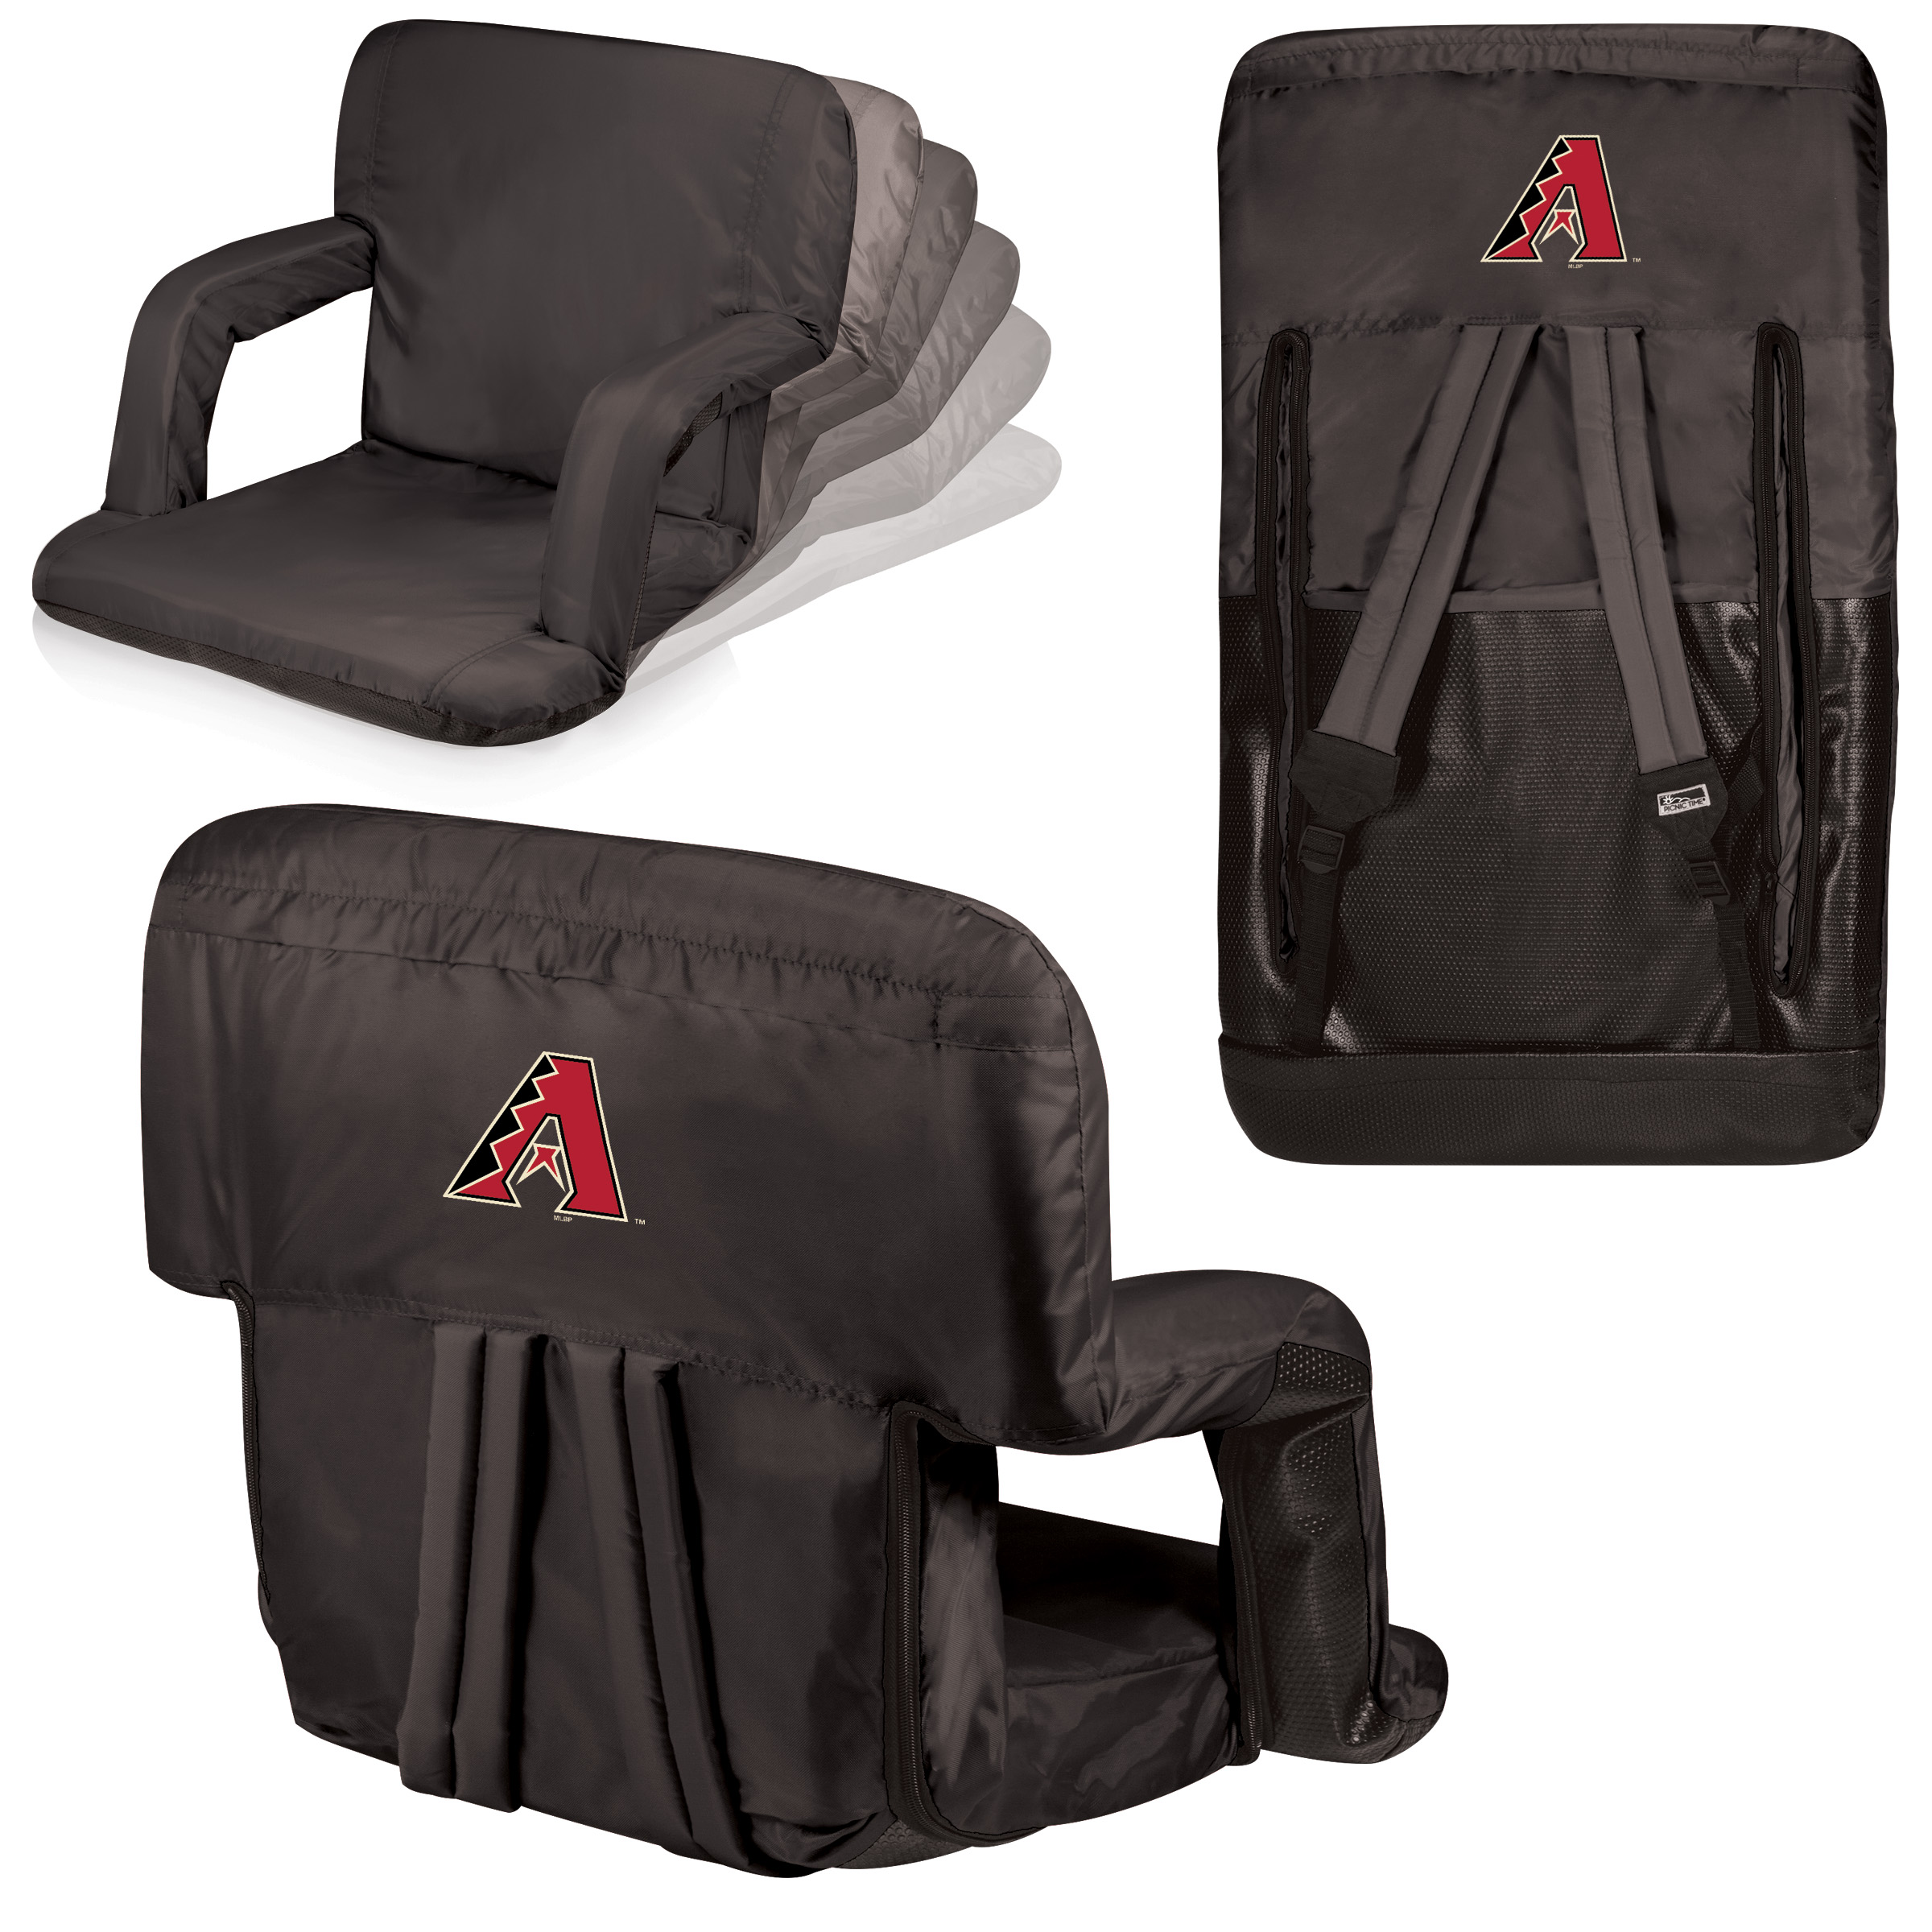 Arizona Diamondbacks Ventura Portable Seat - Black - No Size